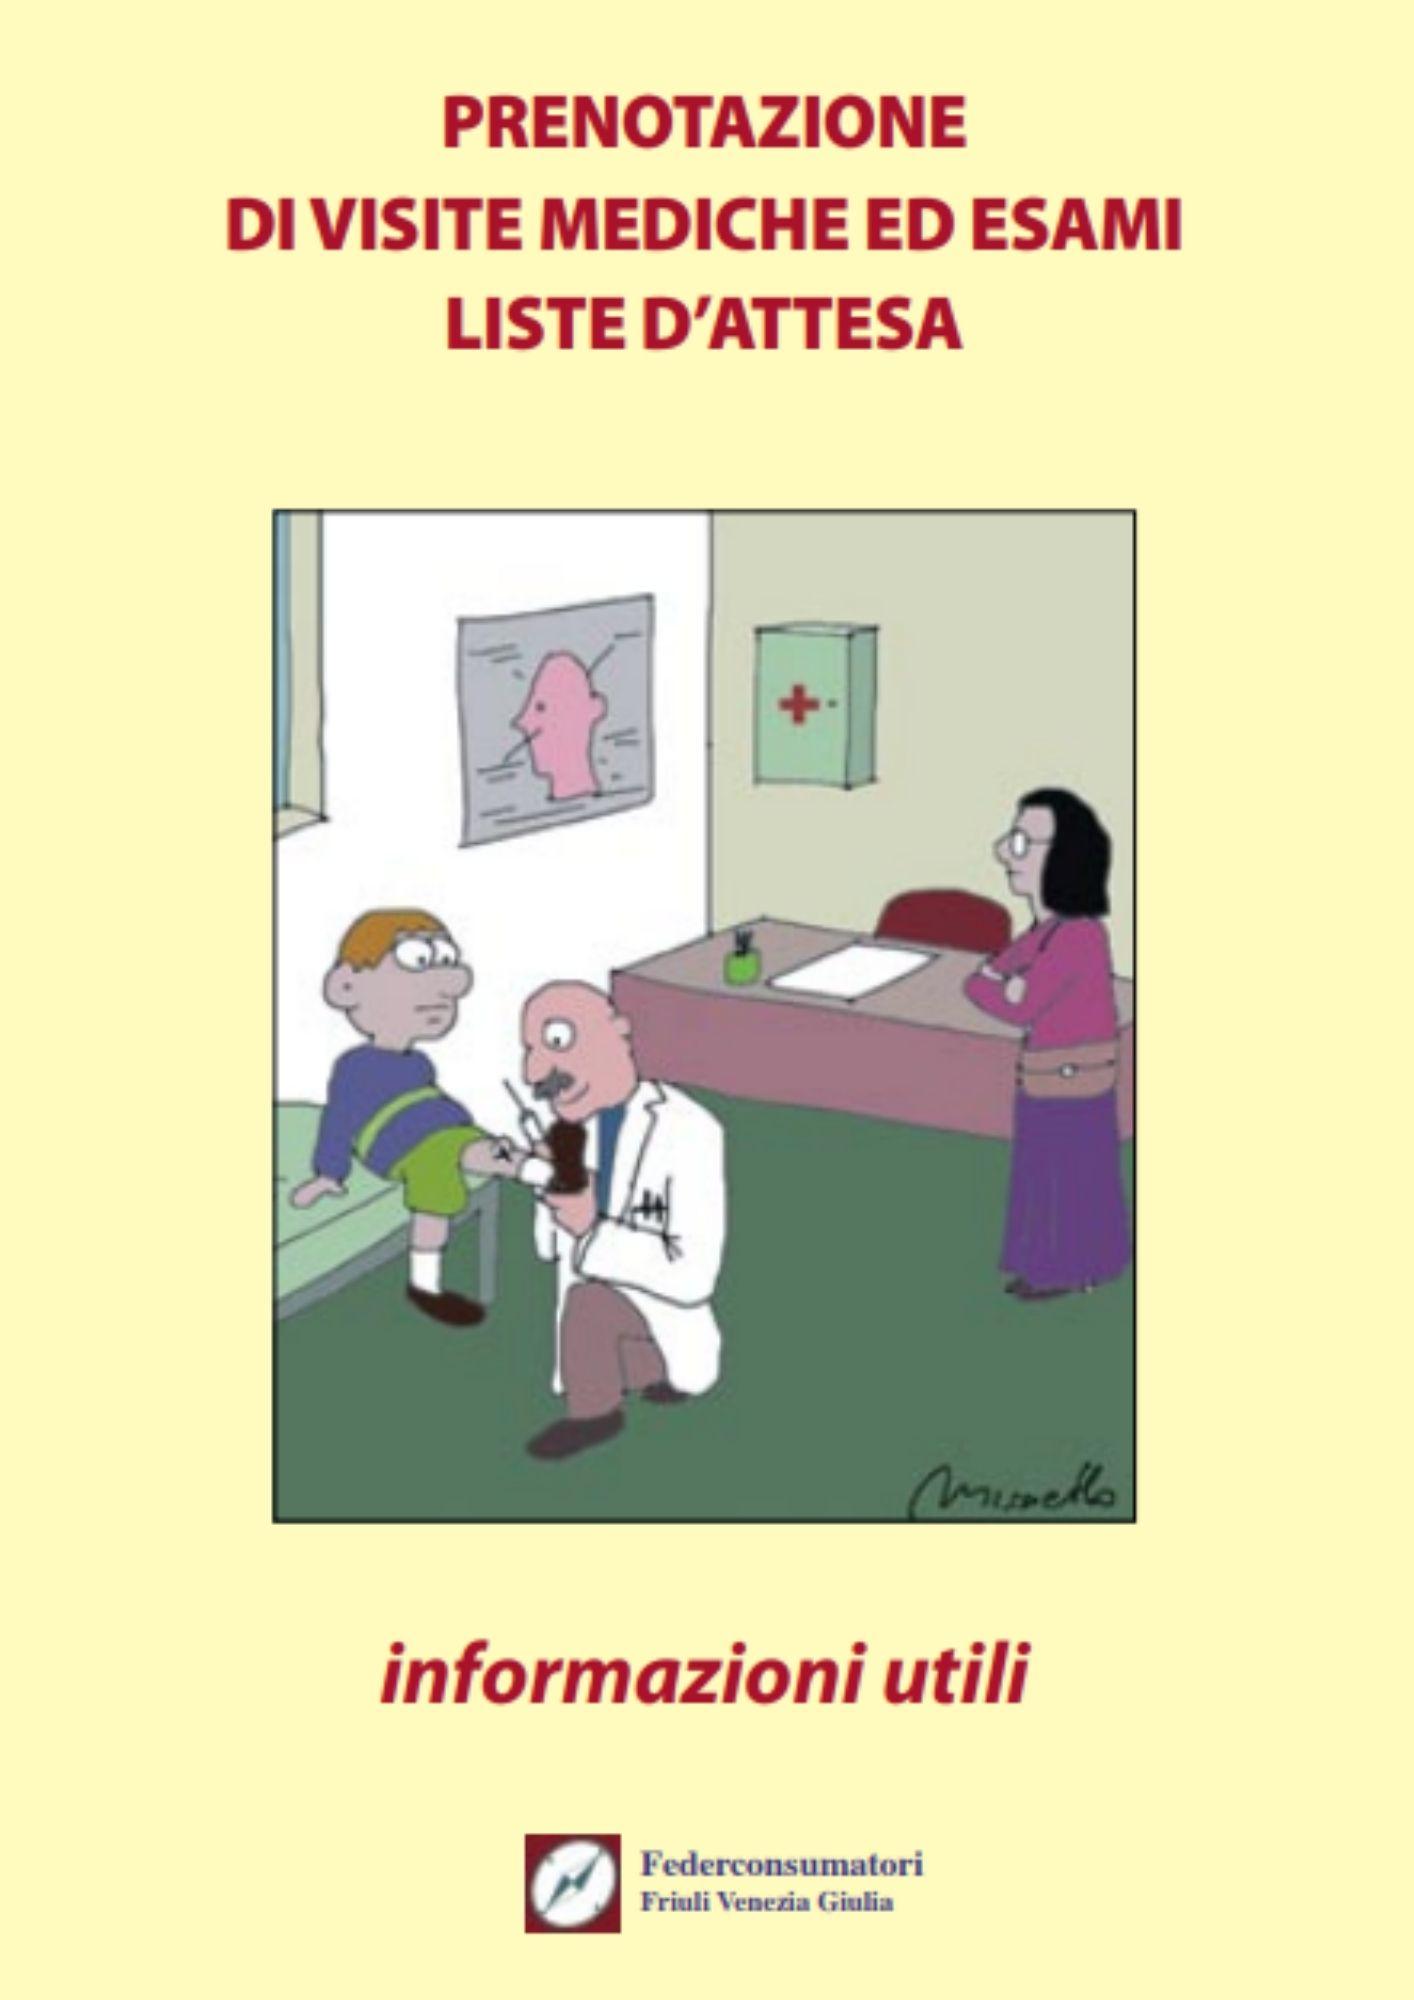 Prenotazione di visite mediche ed esami liste d'attesa